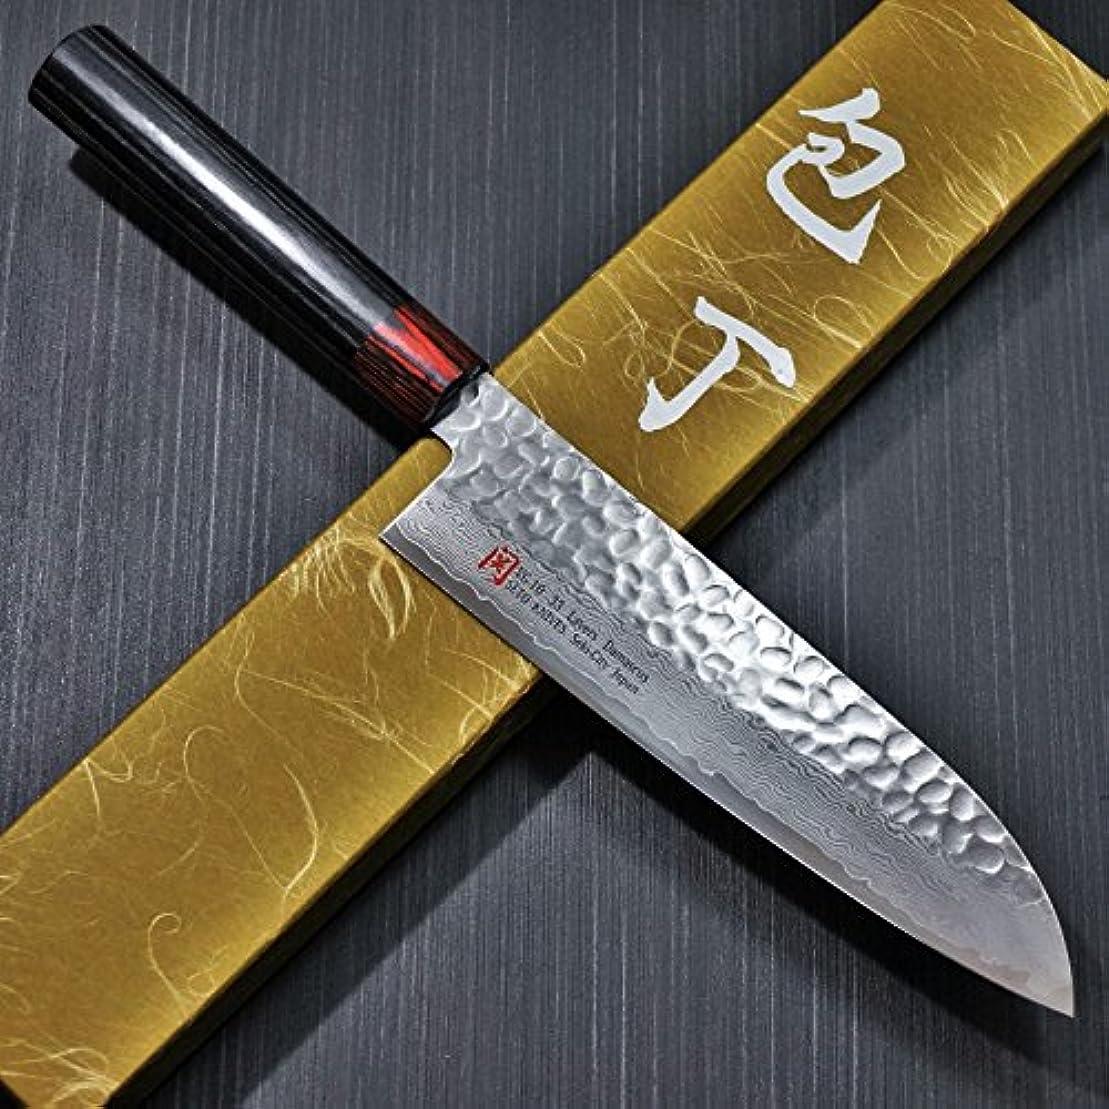 メナジェリー知り合いカポック瀬戸Japaneseシェフナイフ:ダマスカスForgedスチールからWorld Famous Seki、日本 Samurai market